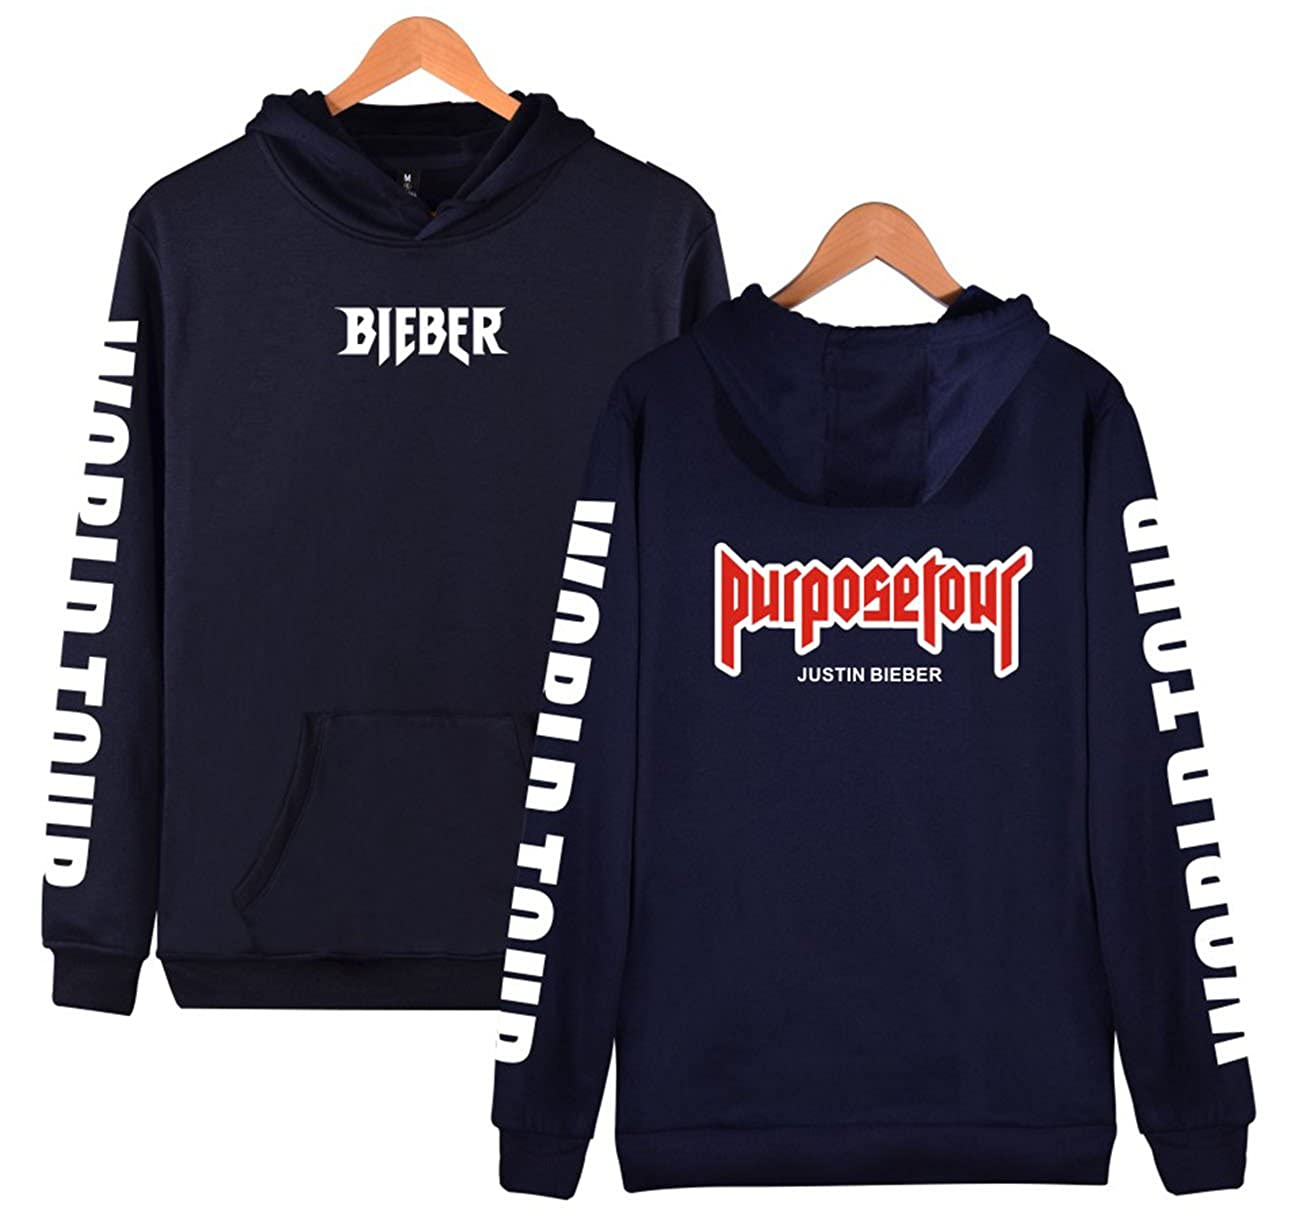 SERAPHY Unisexe Pullover Justin Bieber Sweat /à Capuche Tour Bieber World Tour pour Femme//Homme